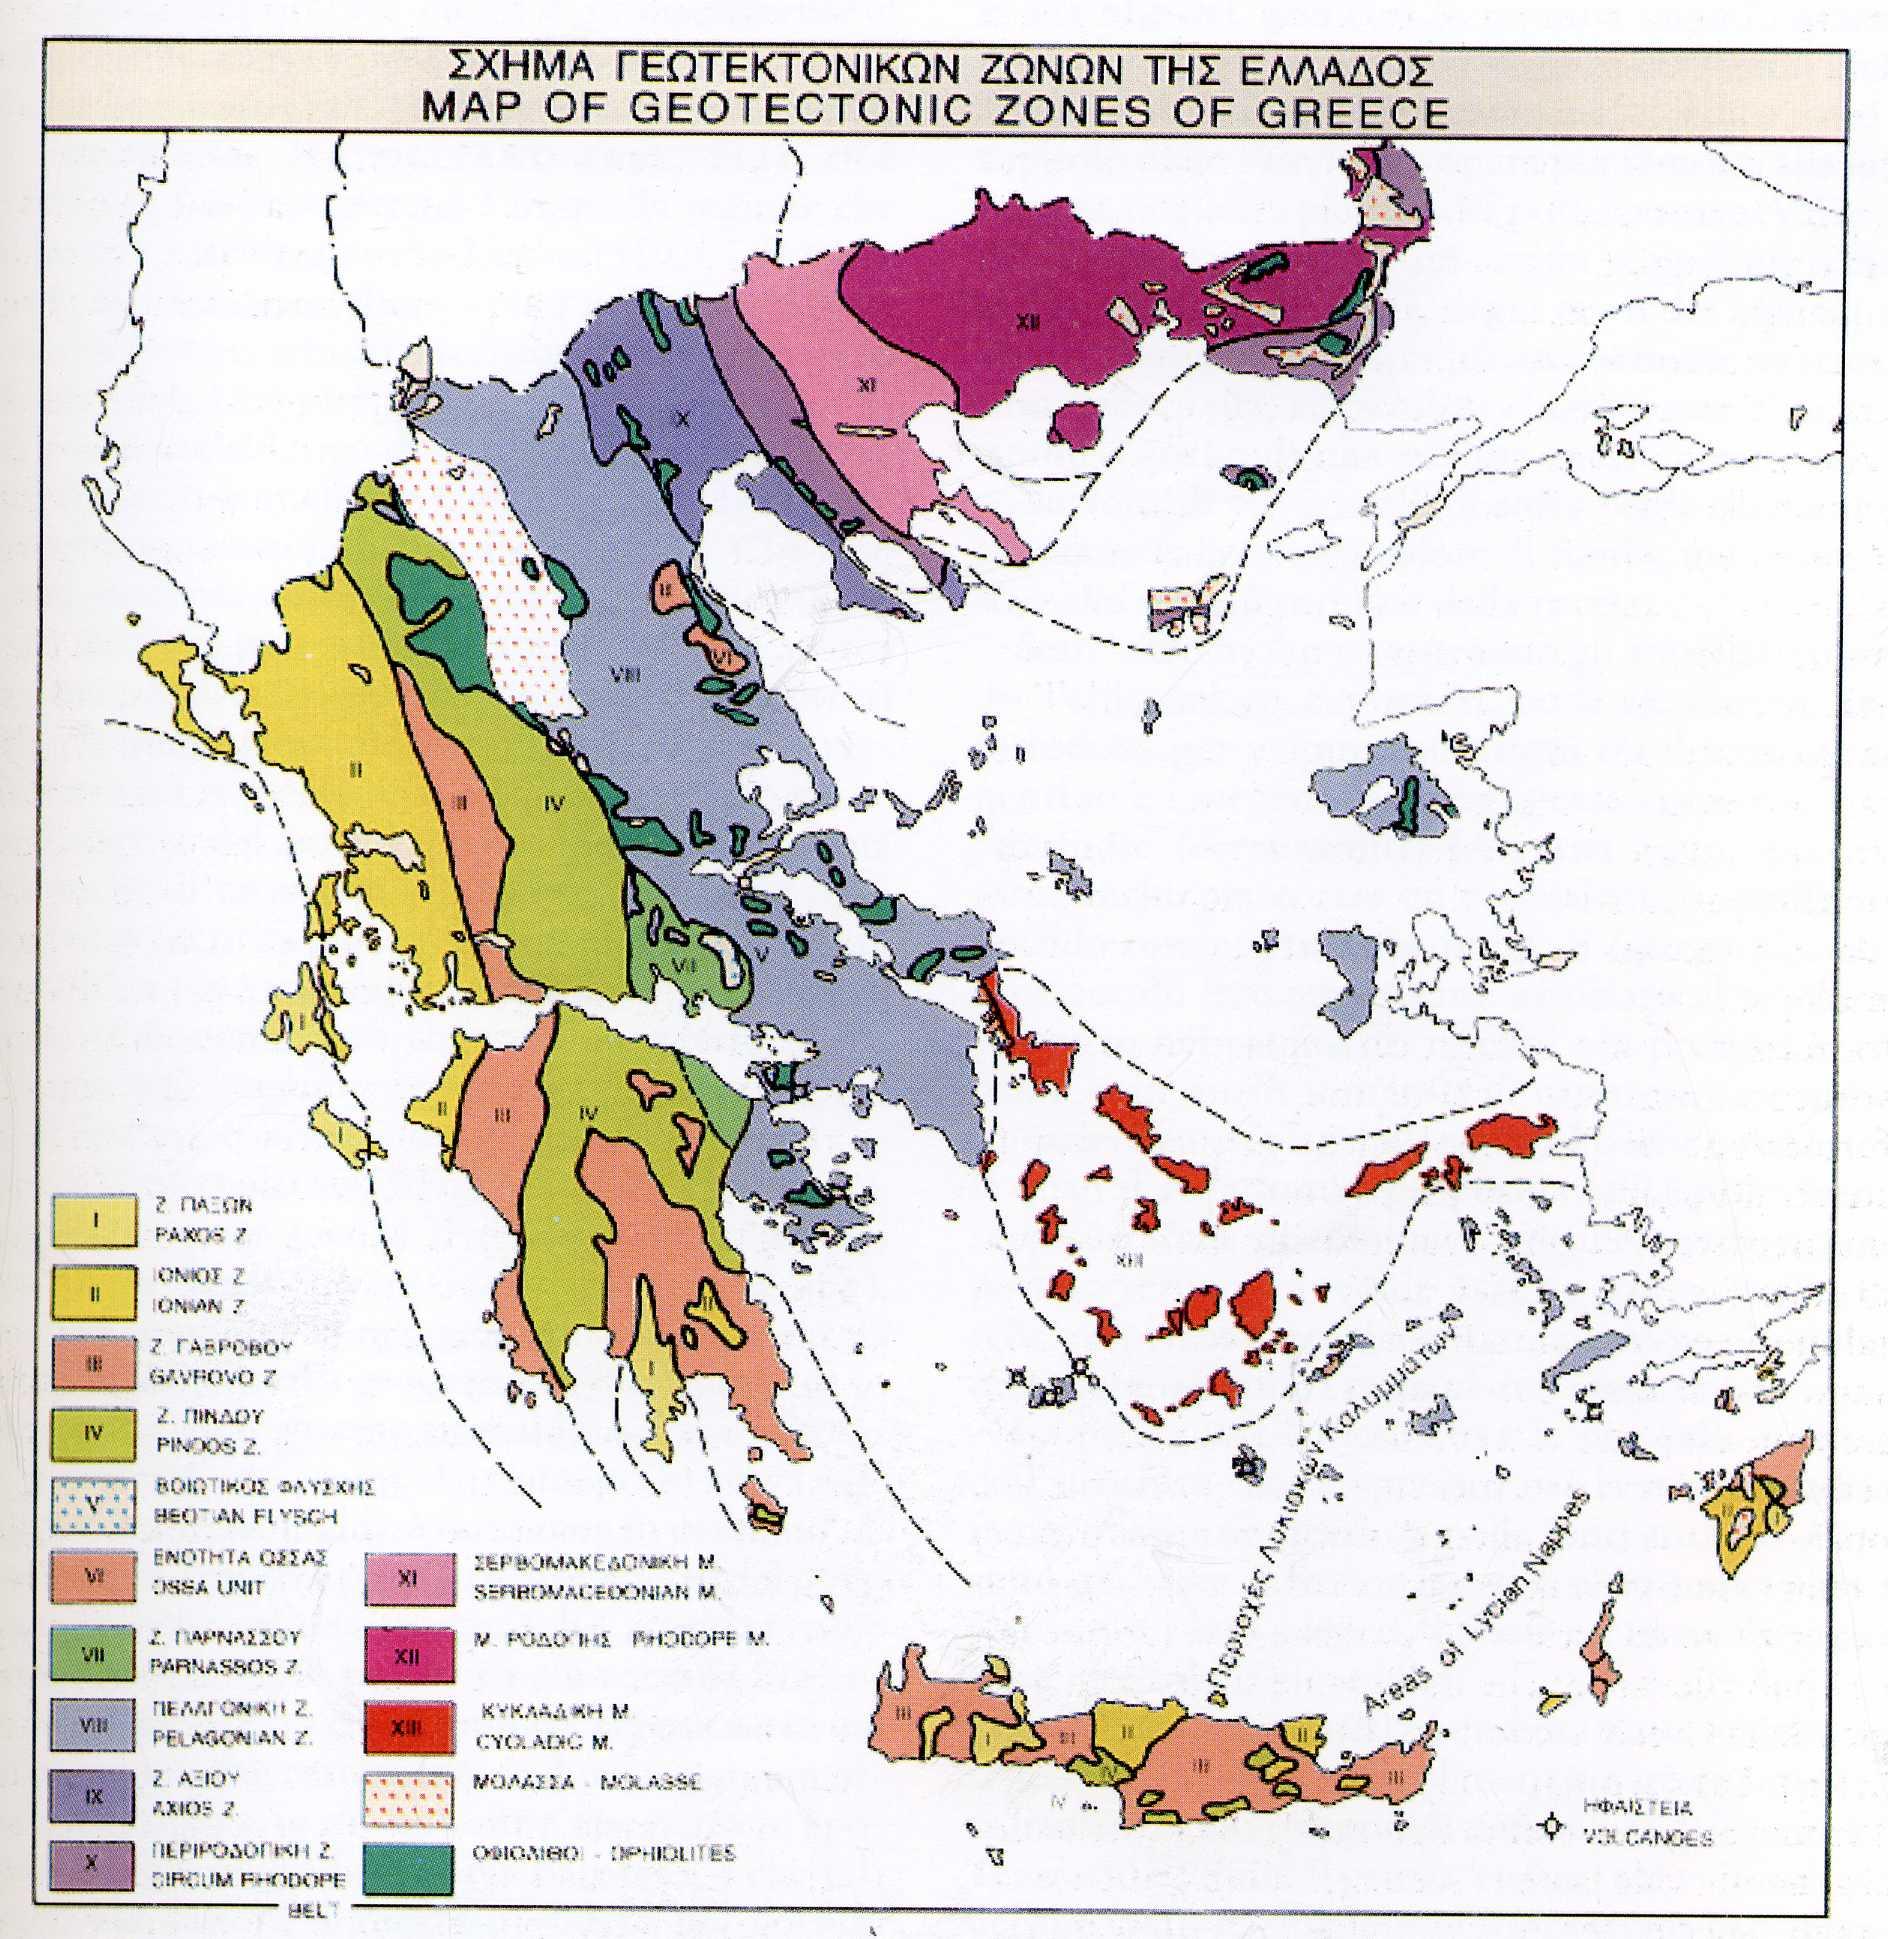 Mappa geotettonica della Grecia